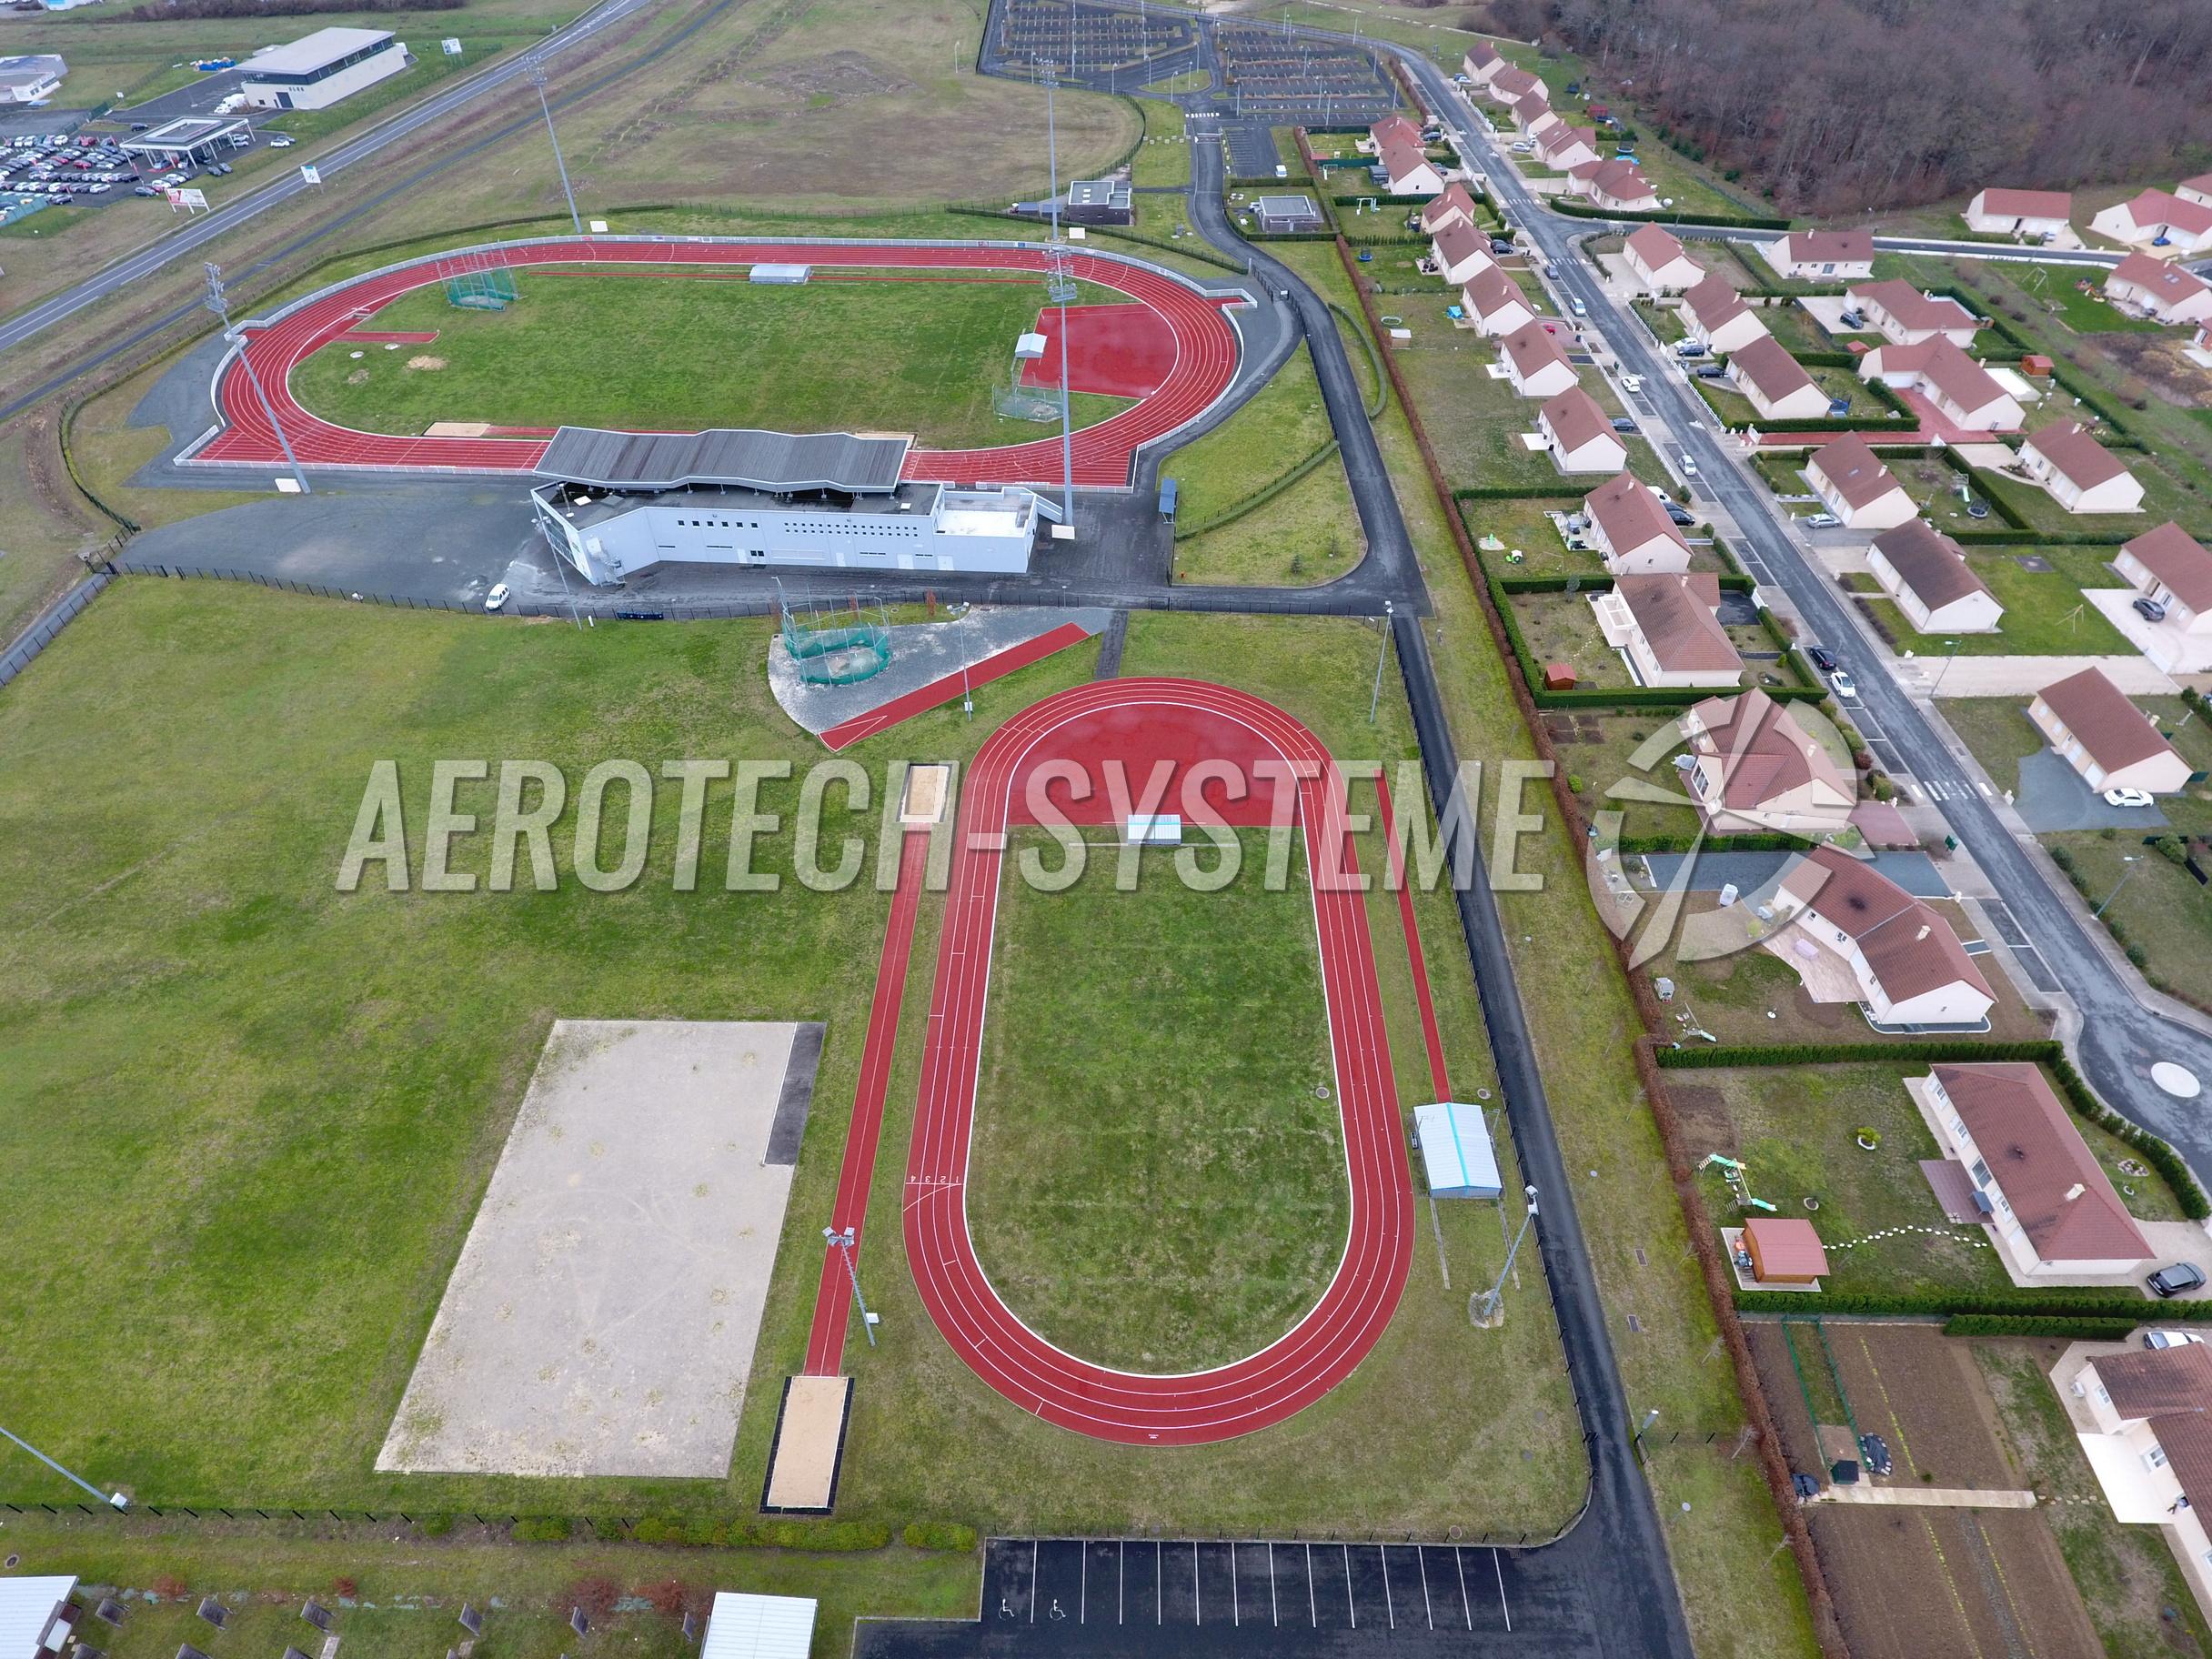 Terrain_Athlétisme_Châteauroux_Métropole